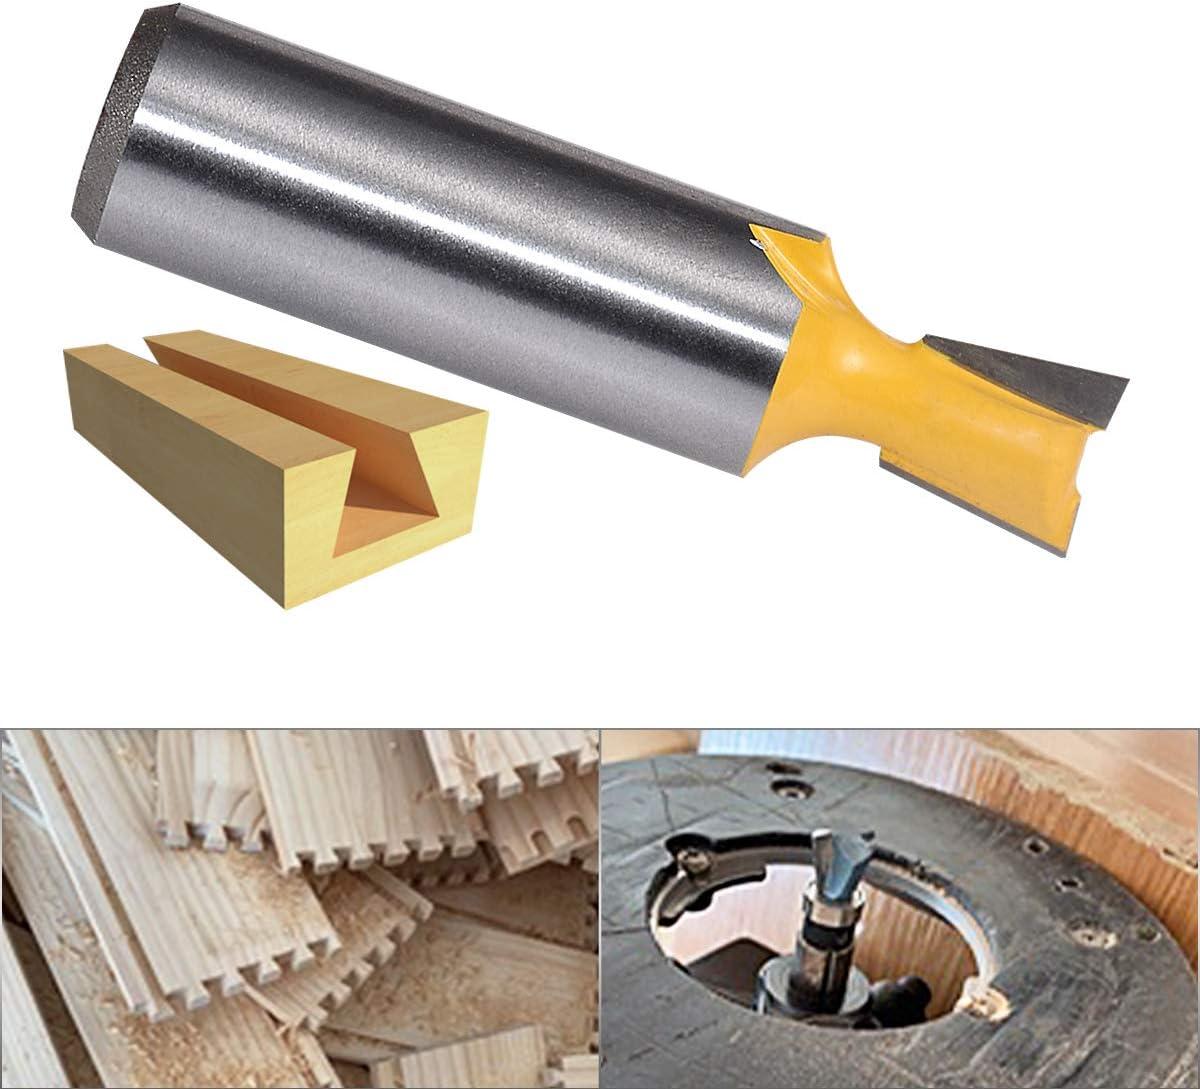 YG6X Fraise en alliage primaire Fraise pour la construction de coffres /à tiroirs et de menuiserie fine 1//2 pouce tige et 1//2 pouce de largeur KATUR Fraise /à queue daronde commune